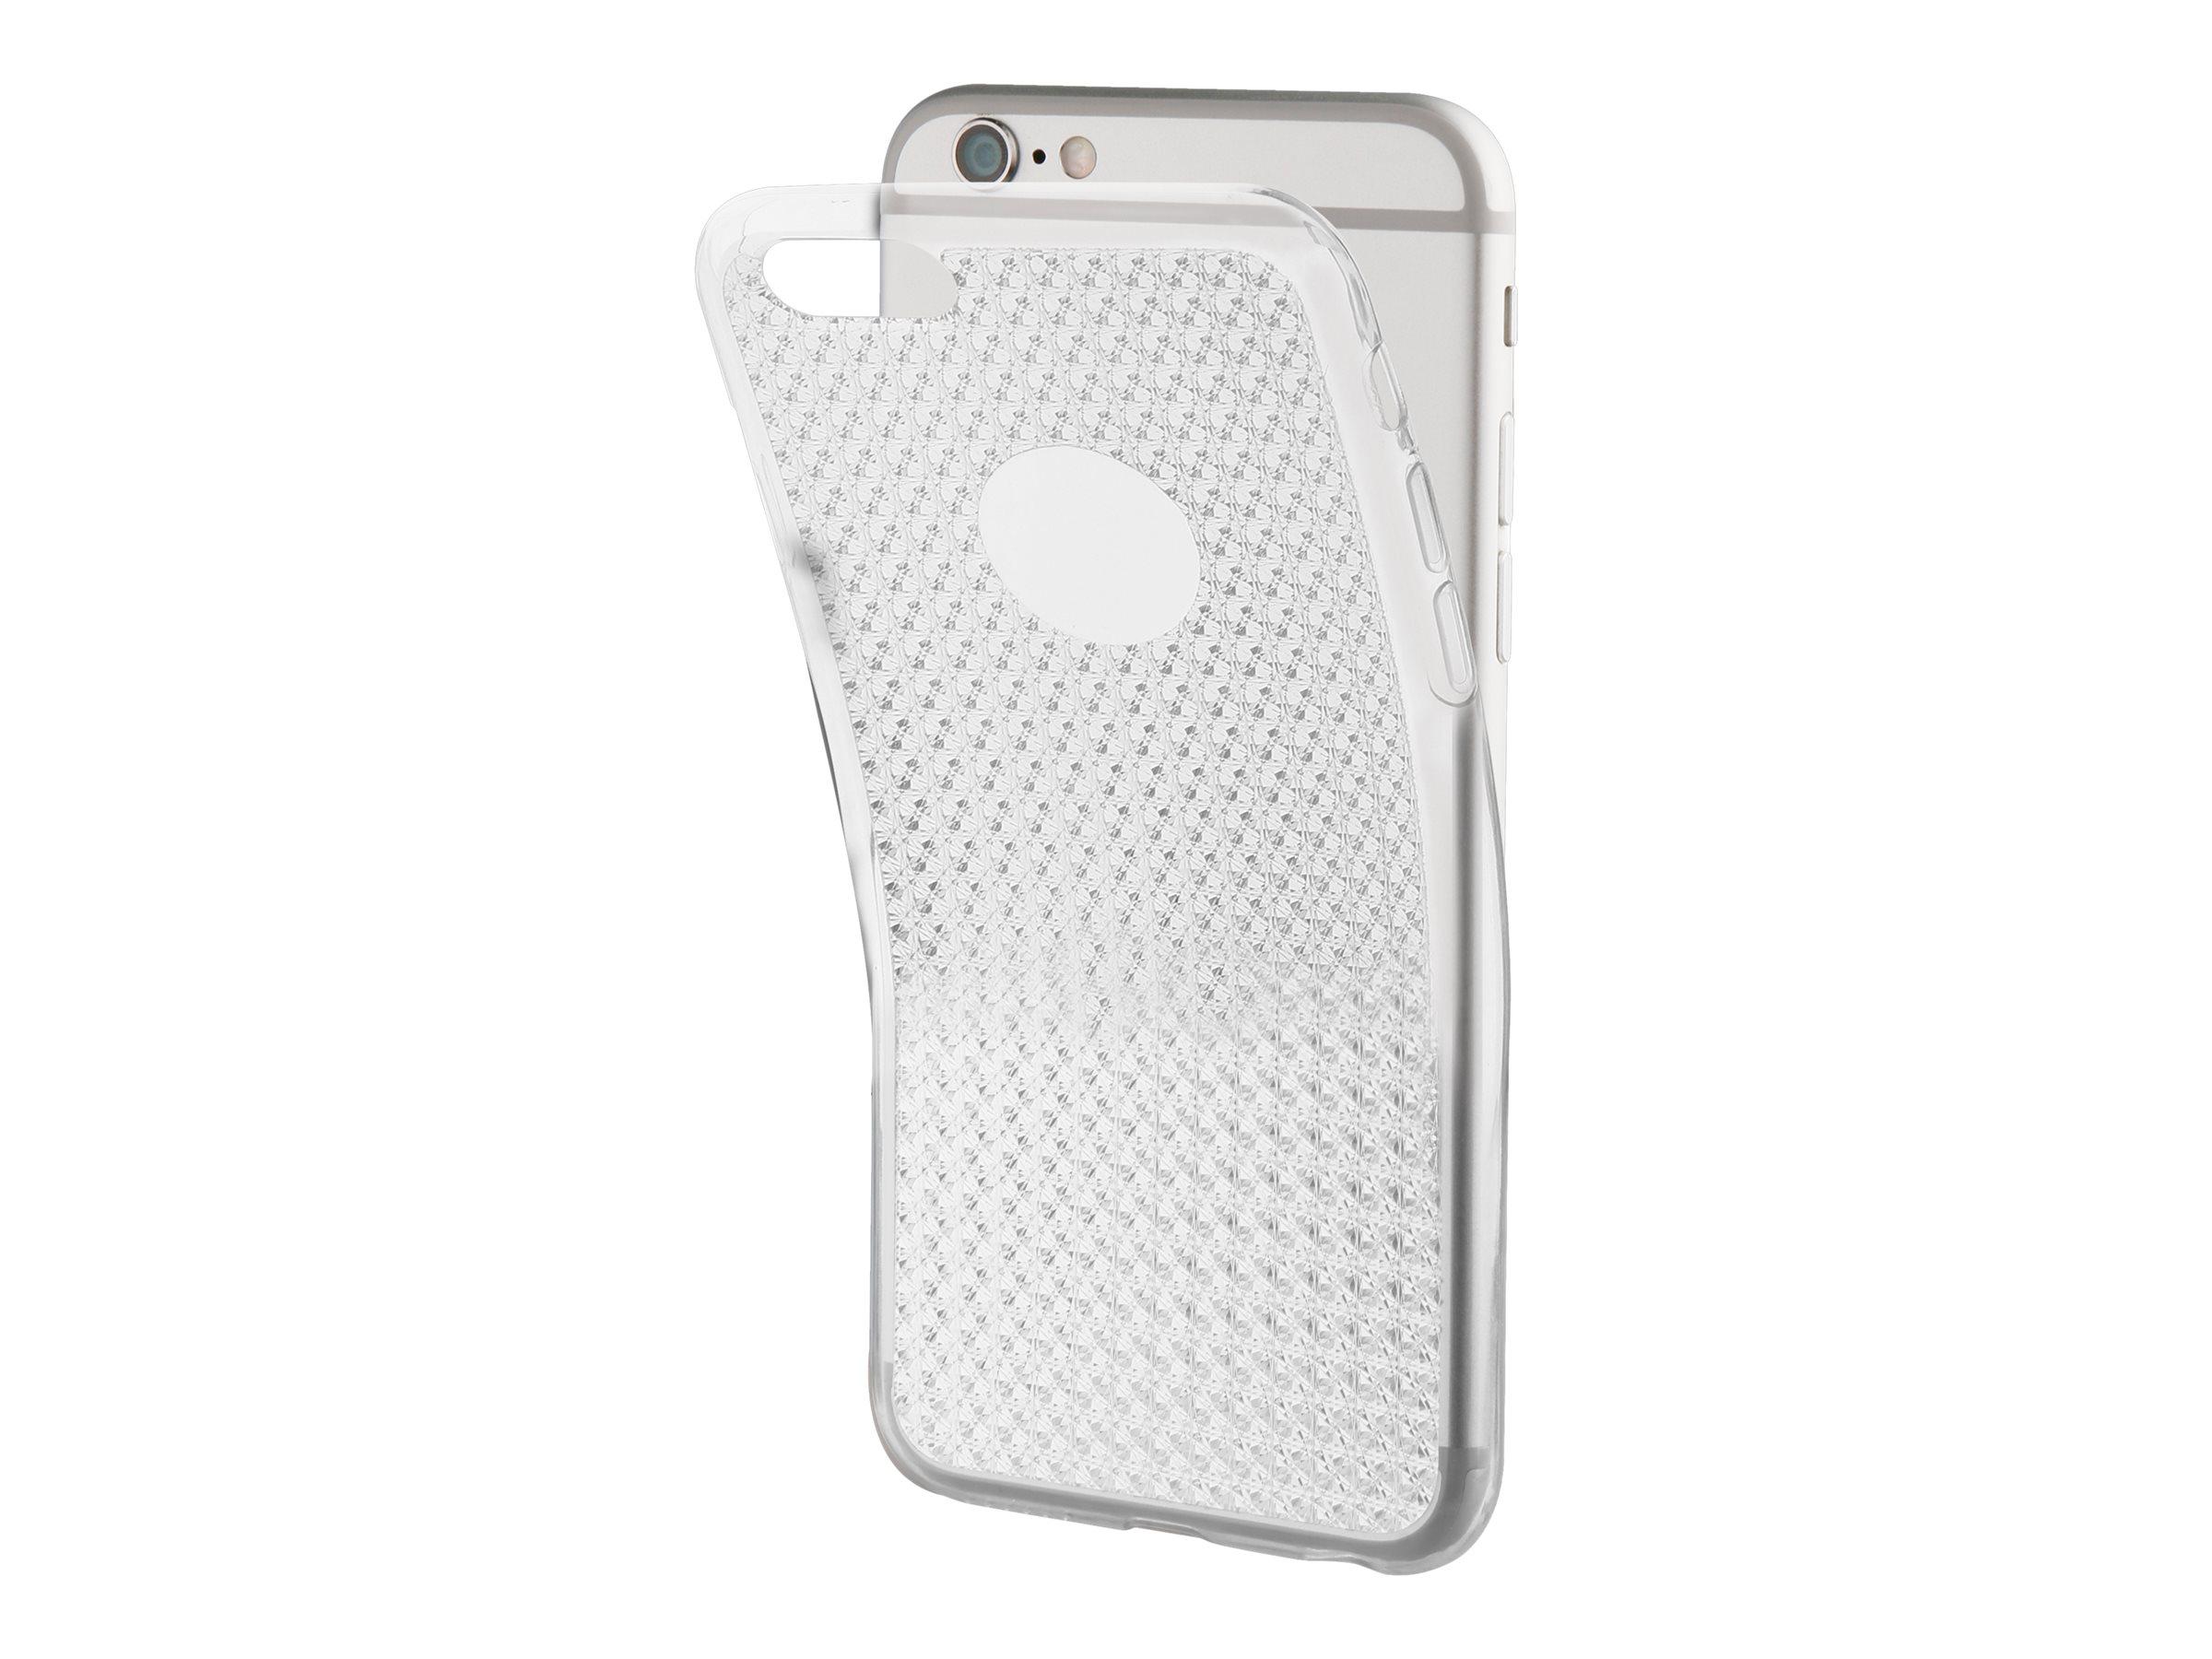 MUVIT LIFE - Coque de protection pour iPhone 7 Plus - transparent - kalei